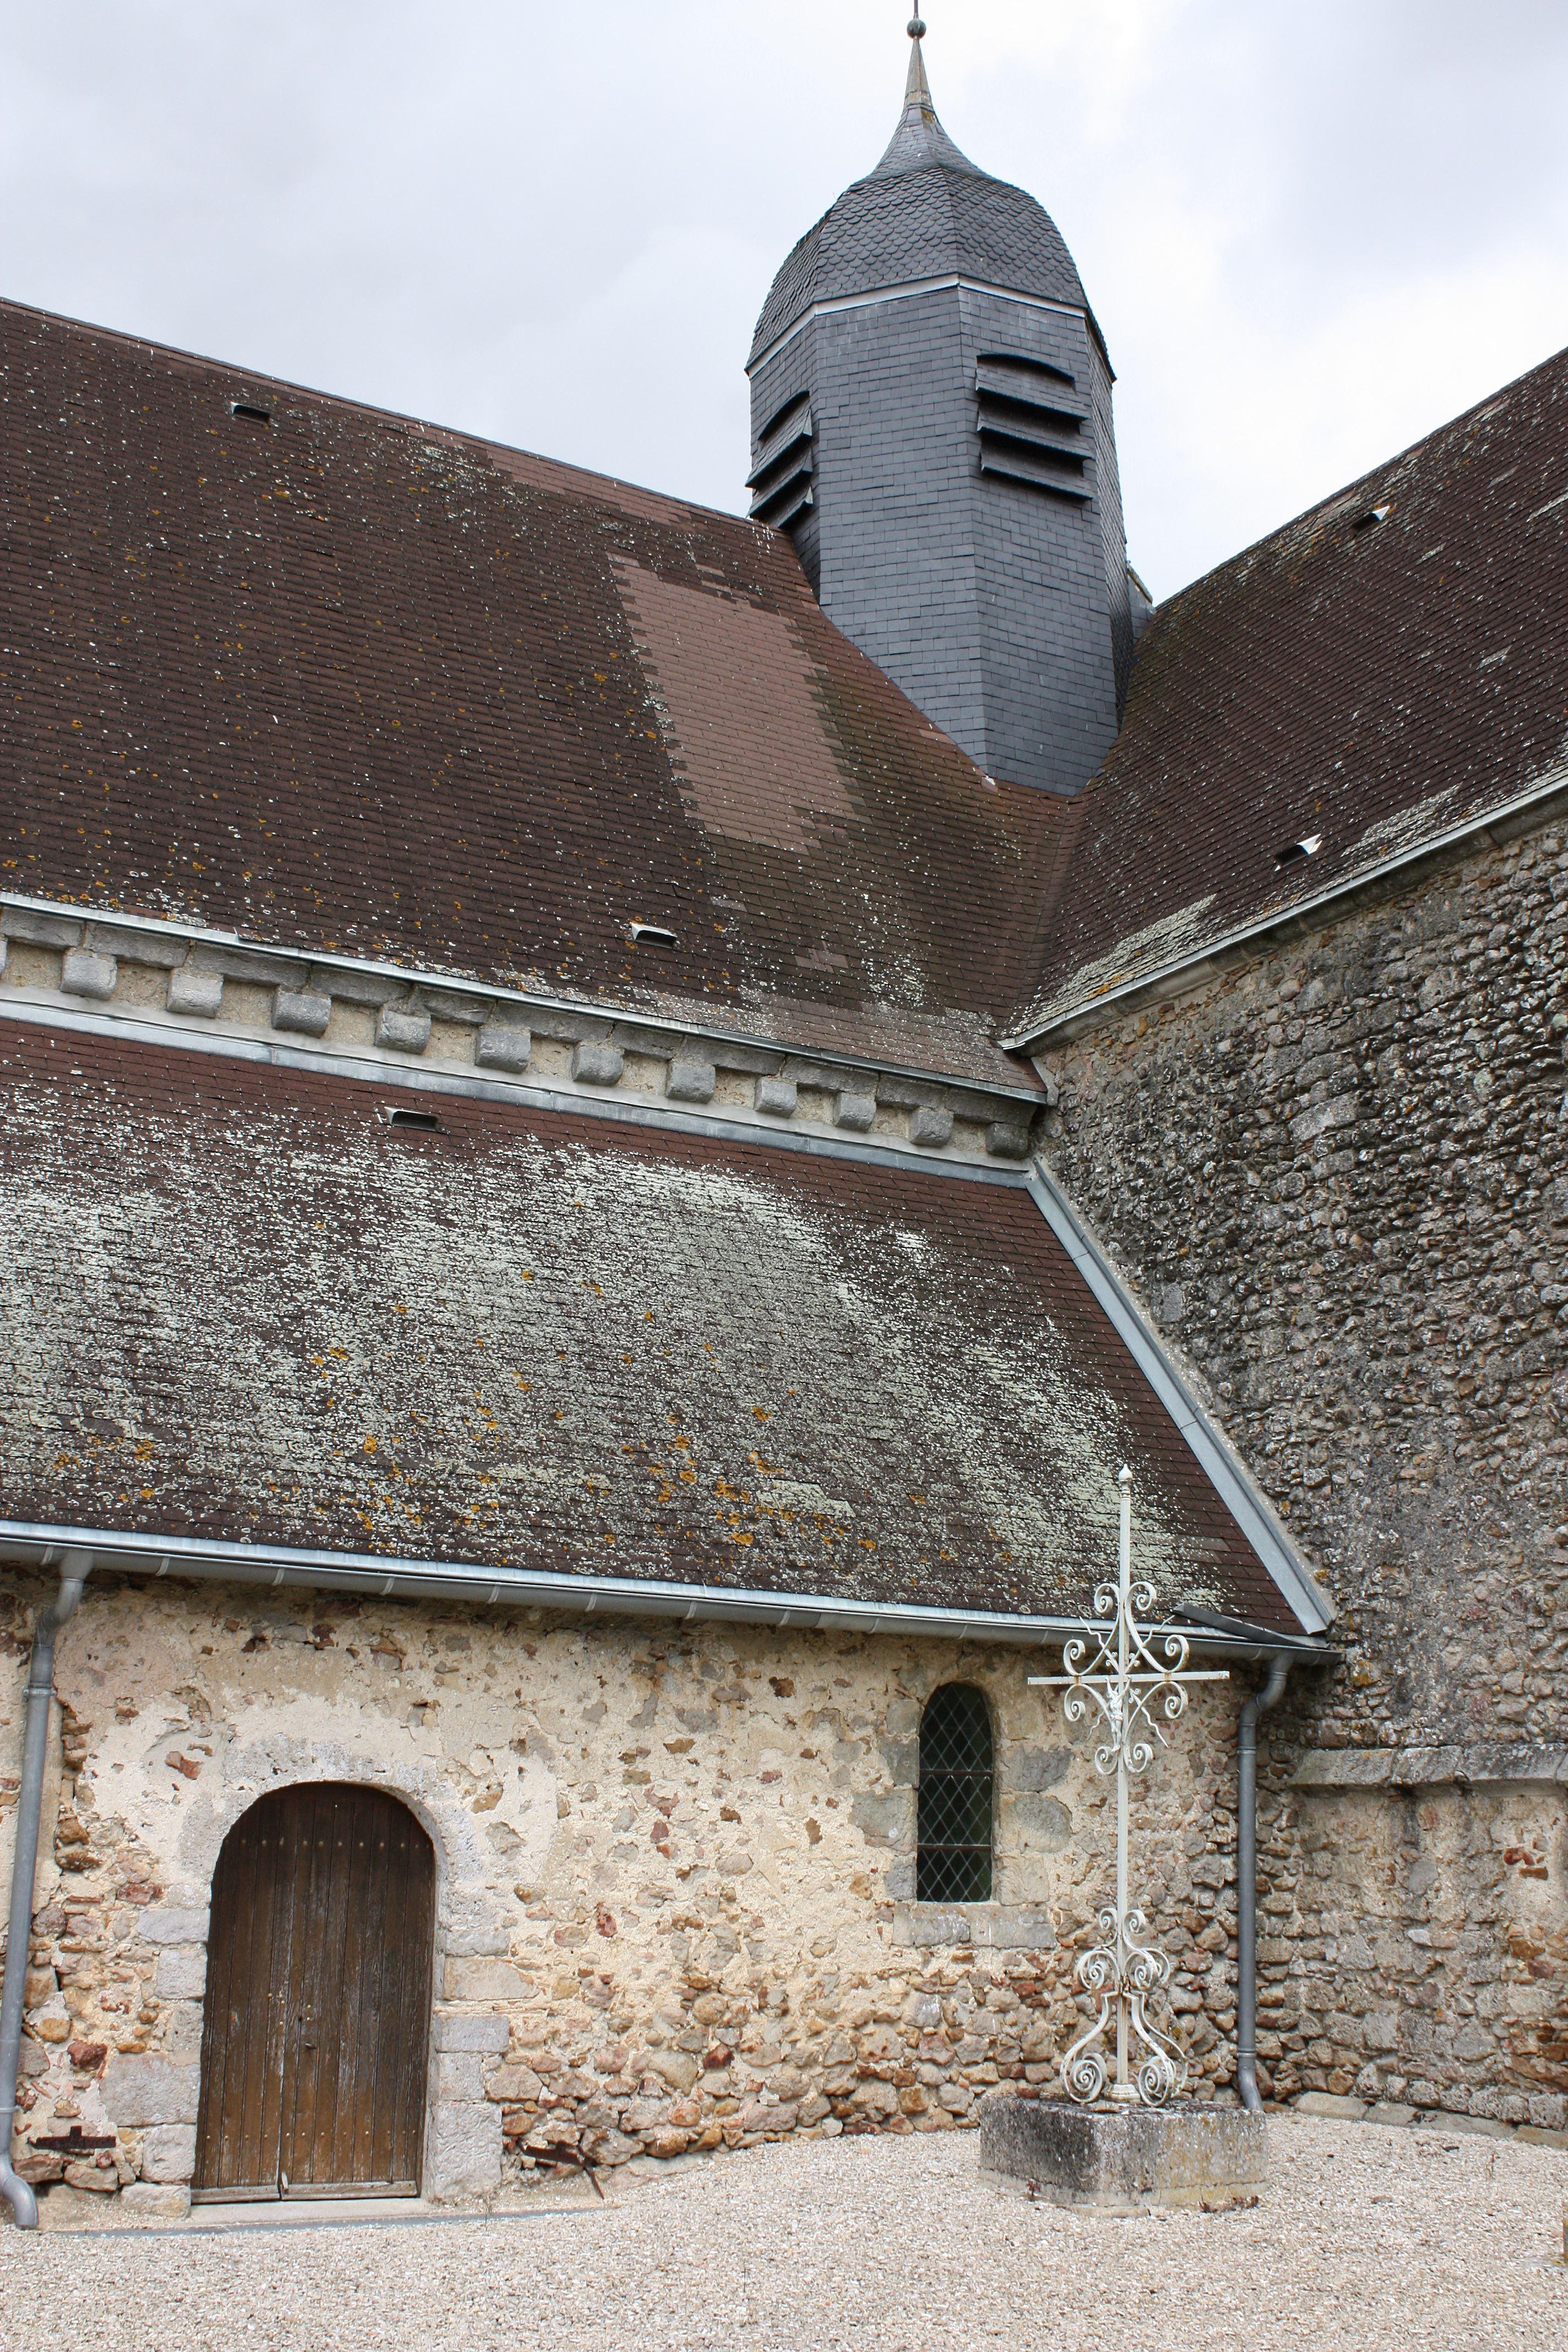 Saint-Quentin-le-Verger